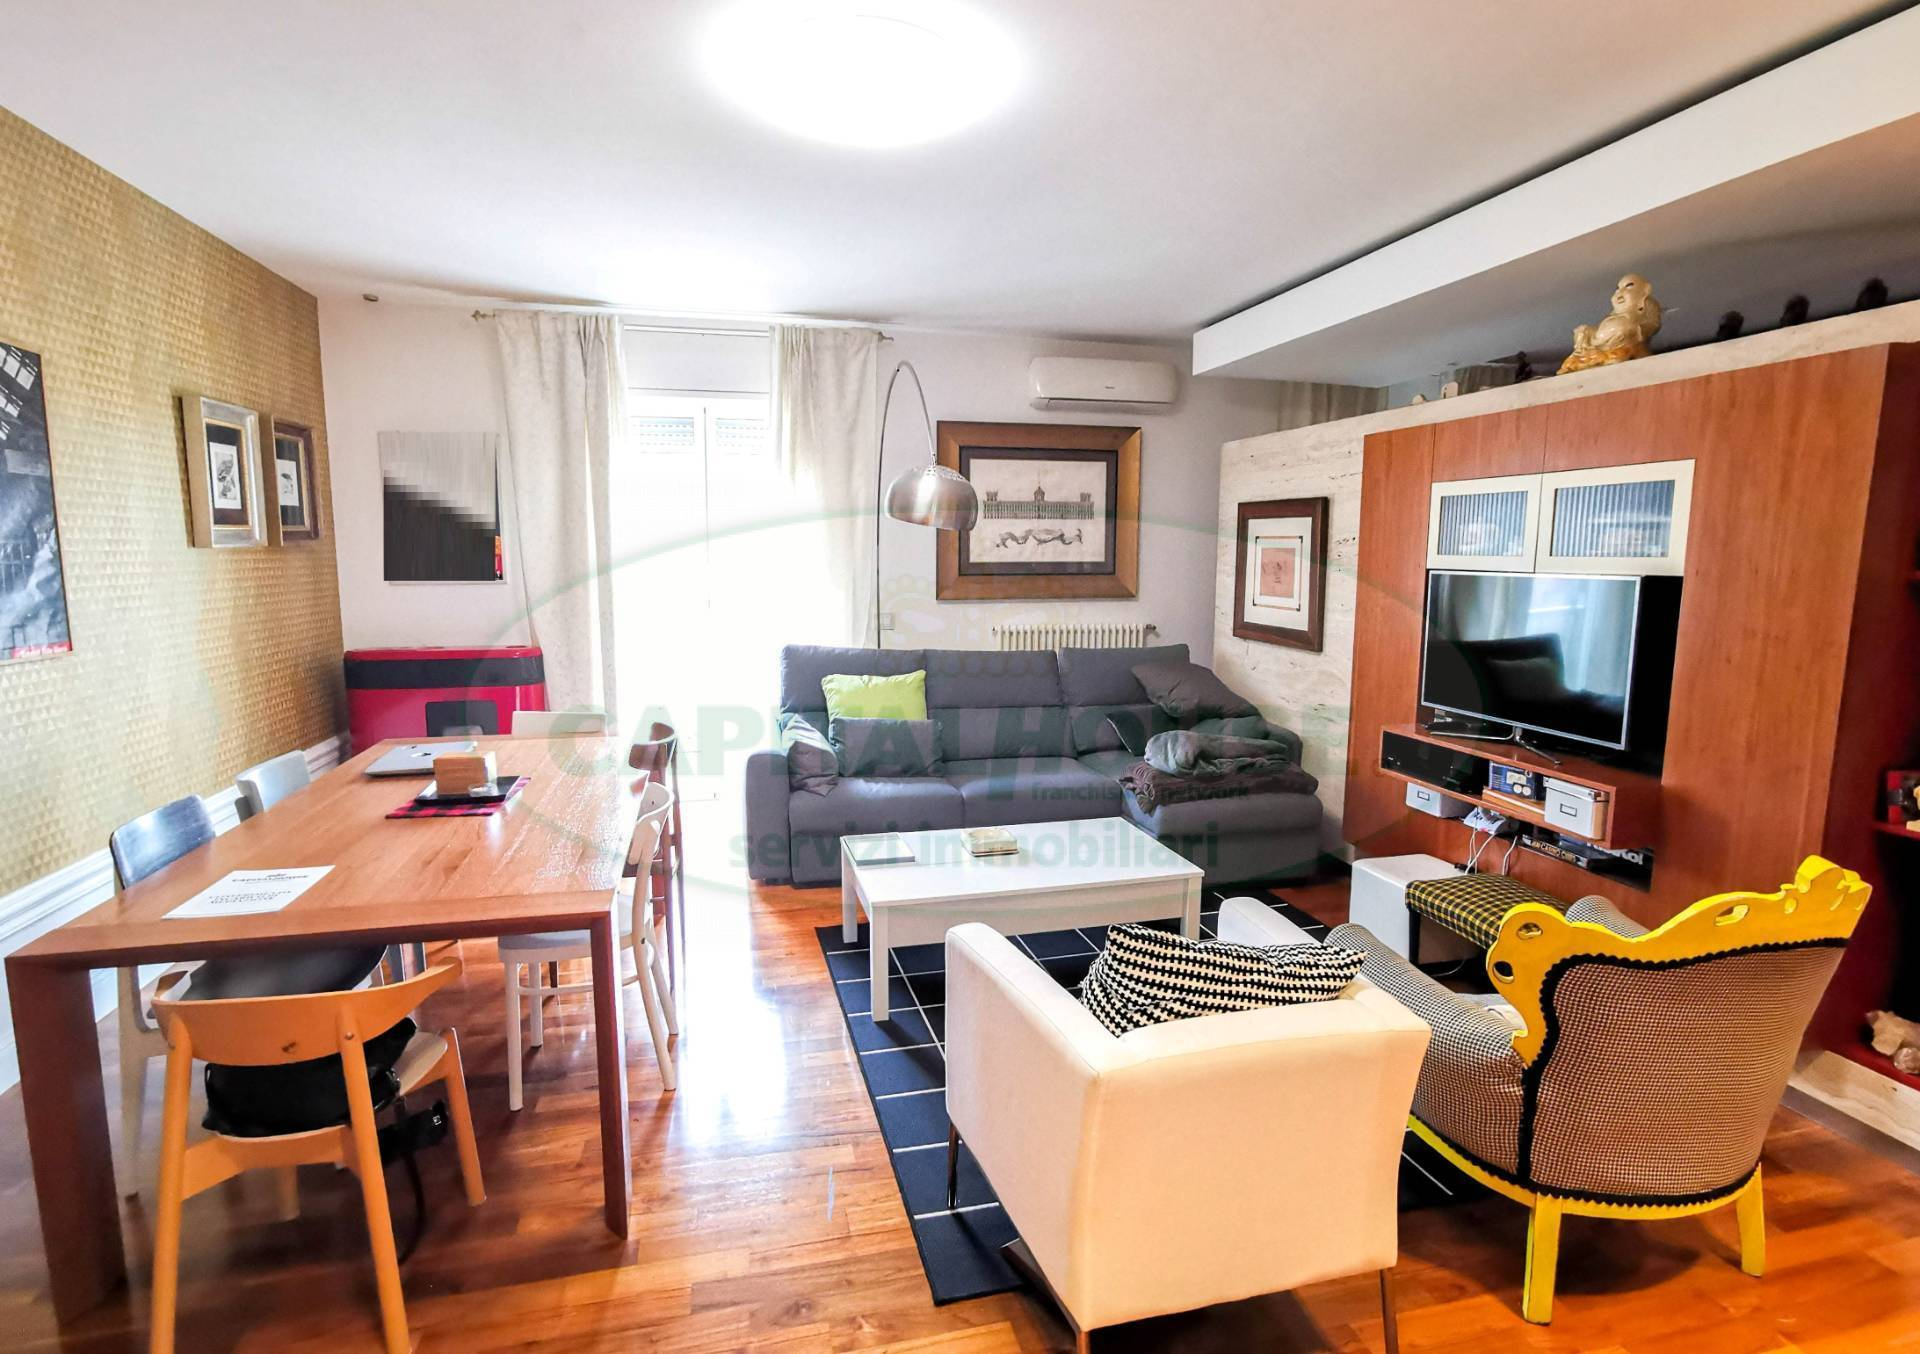 Appartamento in vendita a San Prisco, 4 locali, zona Località: ZonaPiscina, prezzo € 165.000 | PortaleAgenzieImmobiliari.it